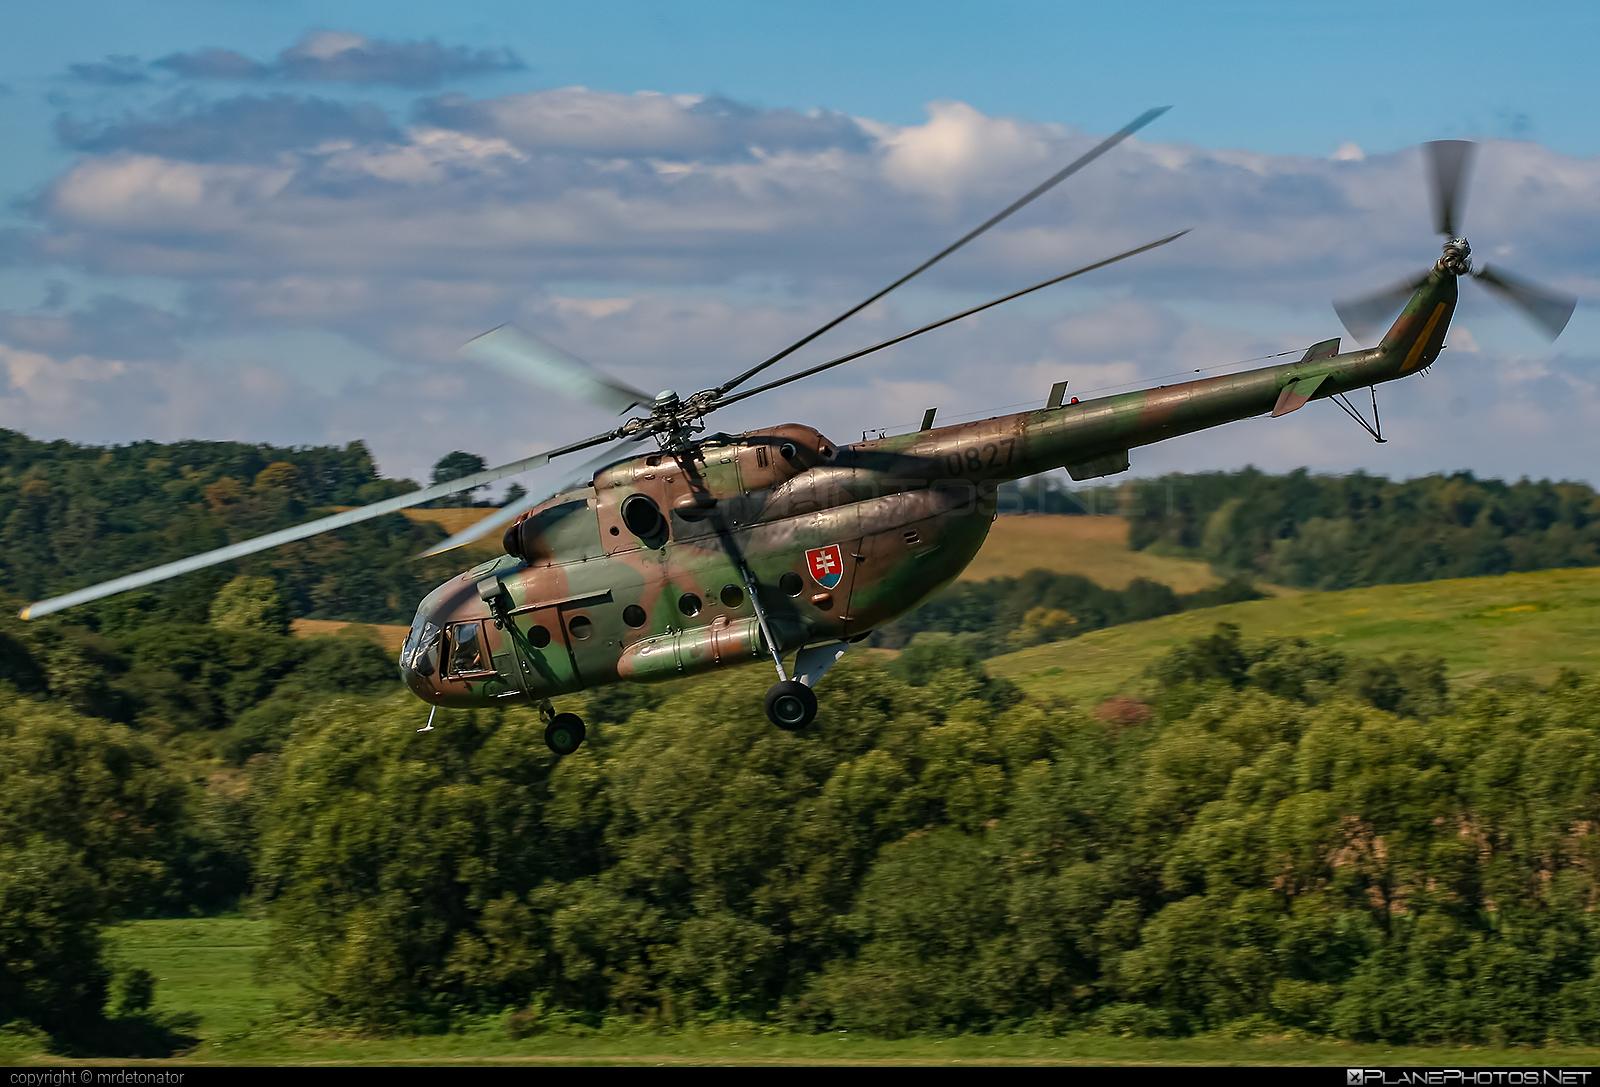 Mil Mi-17 - 0827 operated by Vzdušné sily OS SR (Slovak Air Force) #mi17 #mil #mil17 #milhelicopters #slovakairforce #vzdusnesilyossr